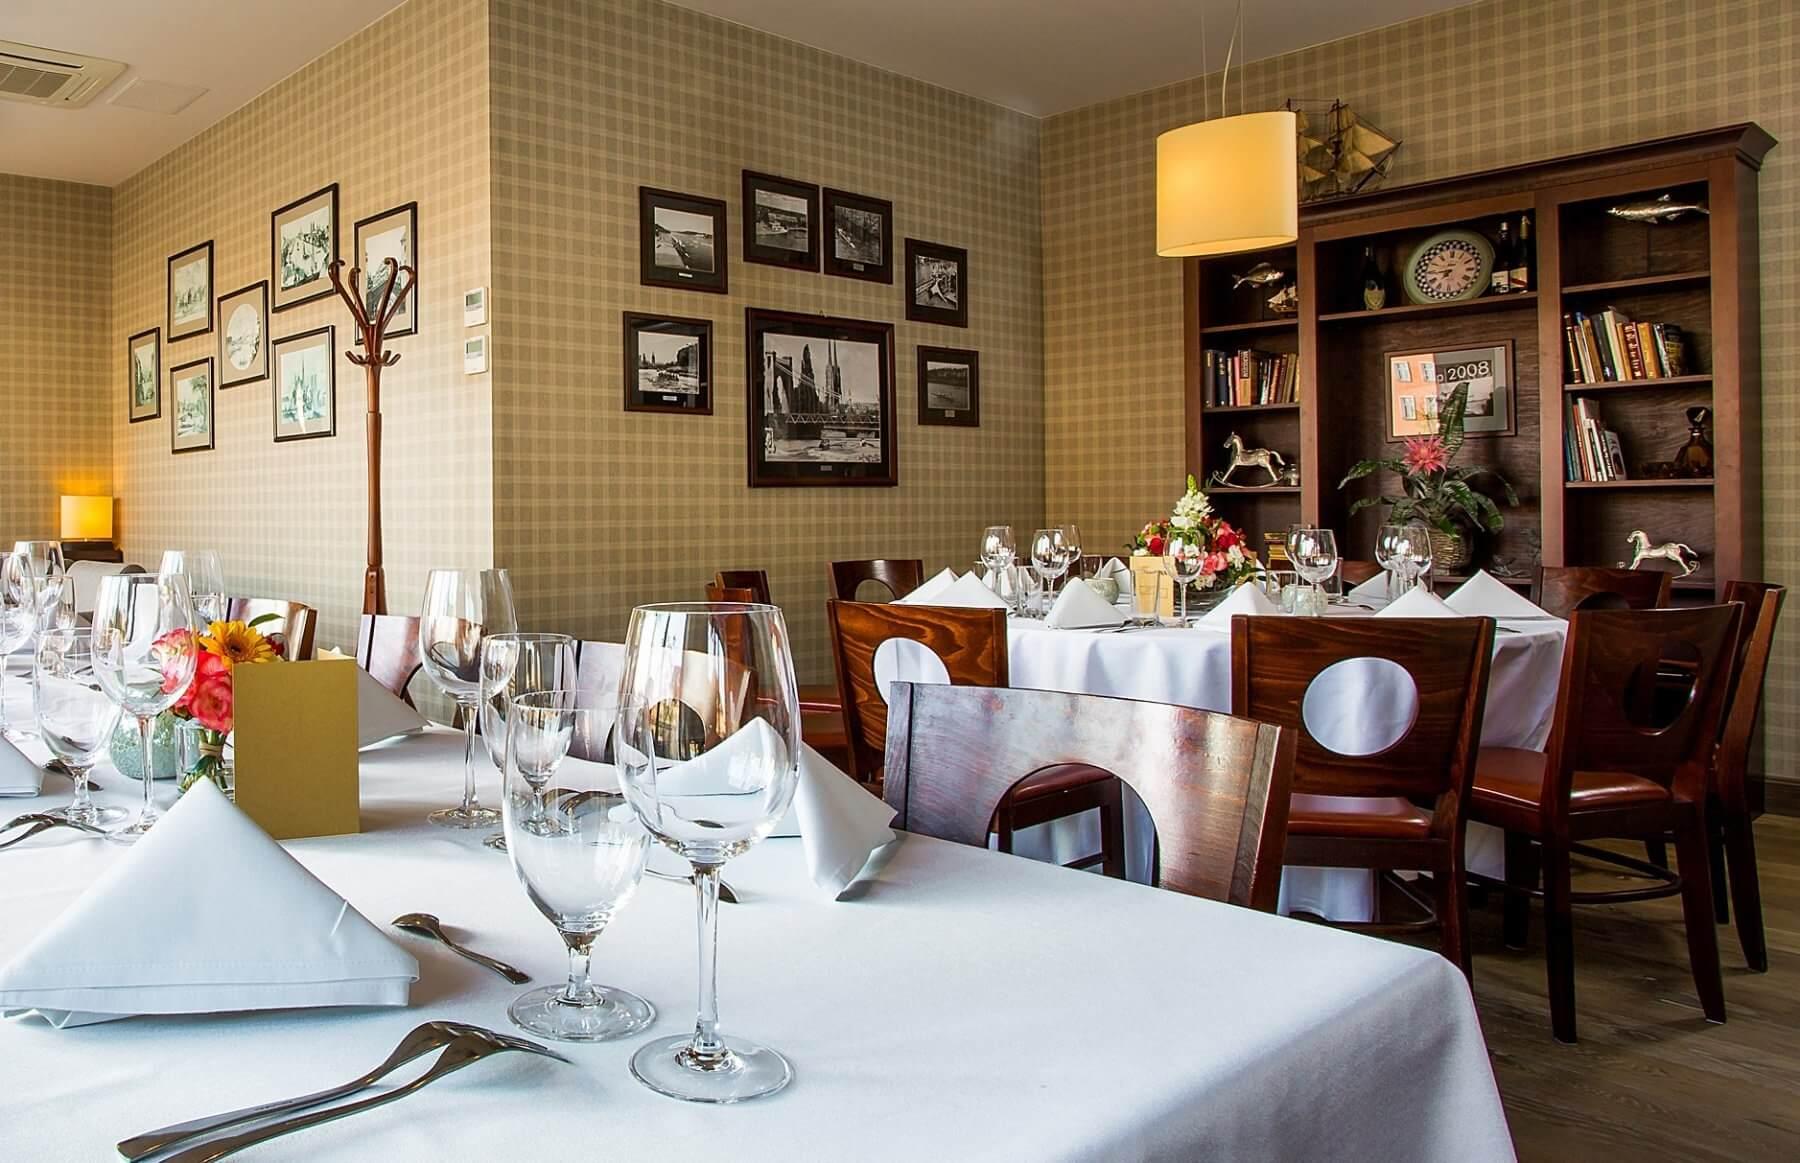 Dobra restauracja - Wrocław